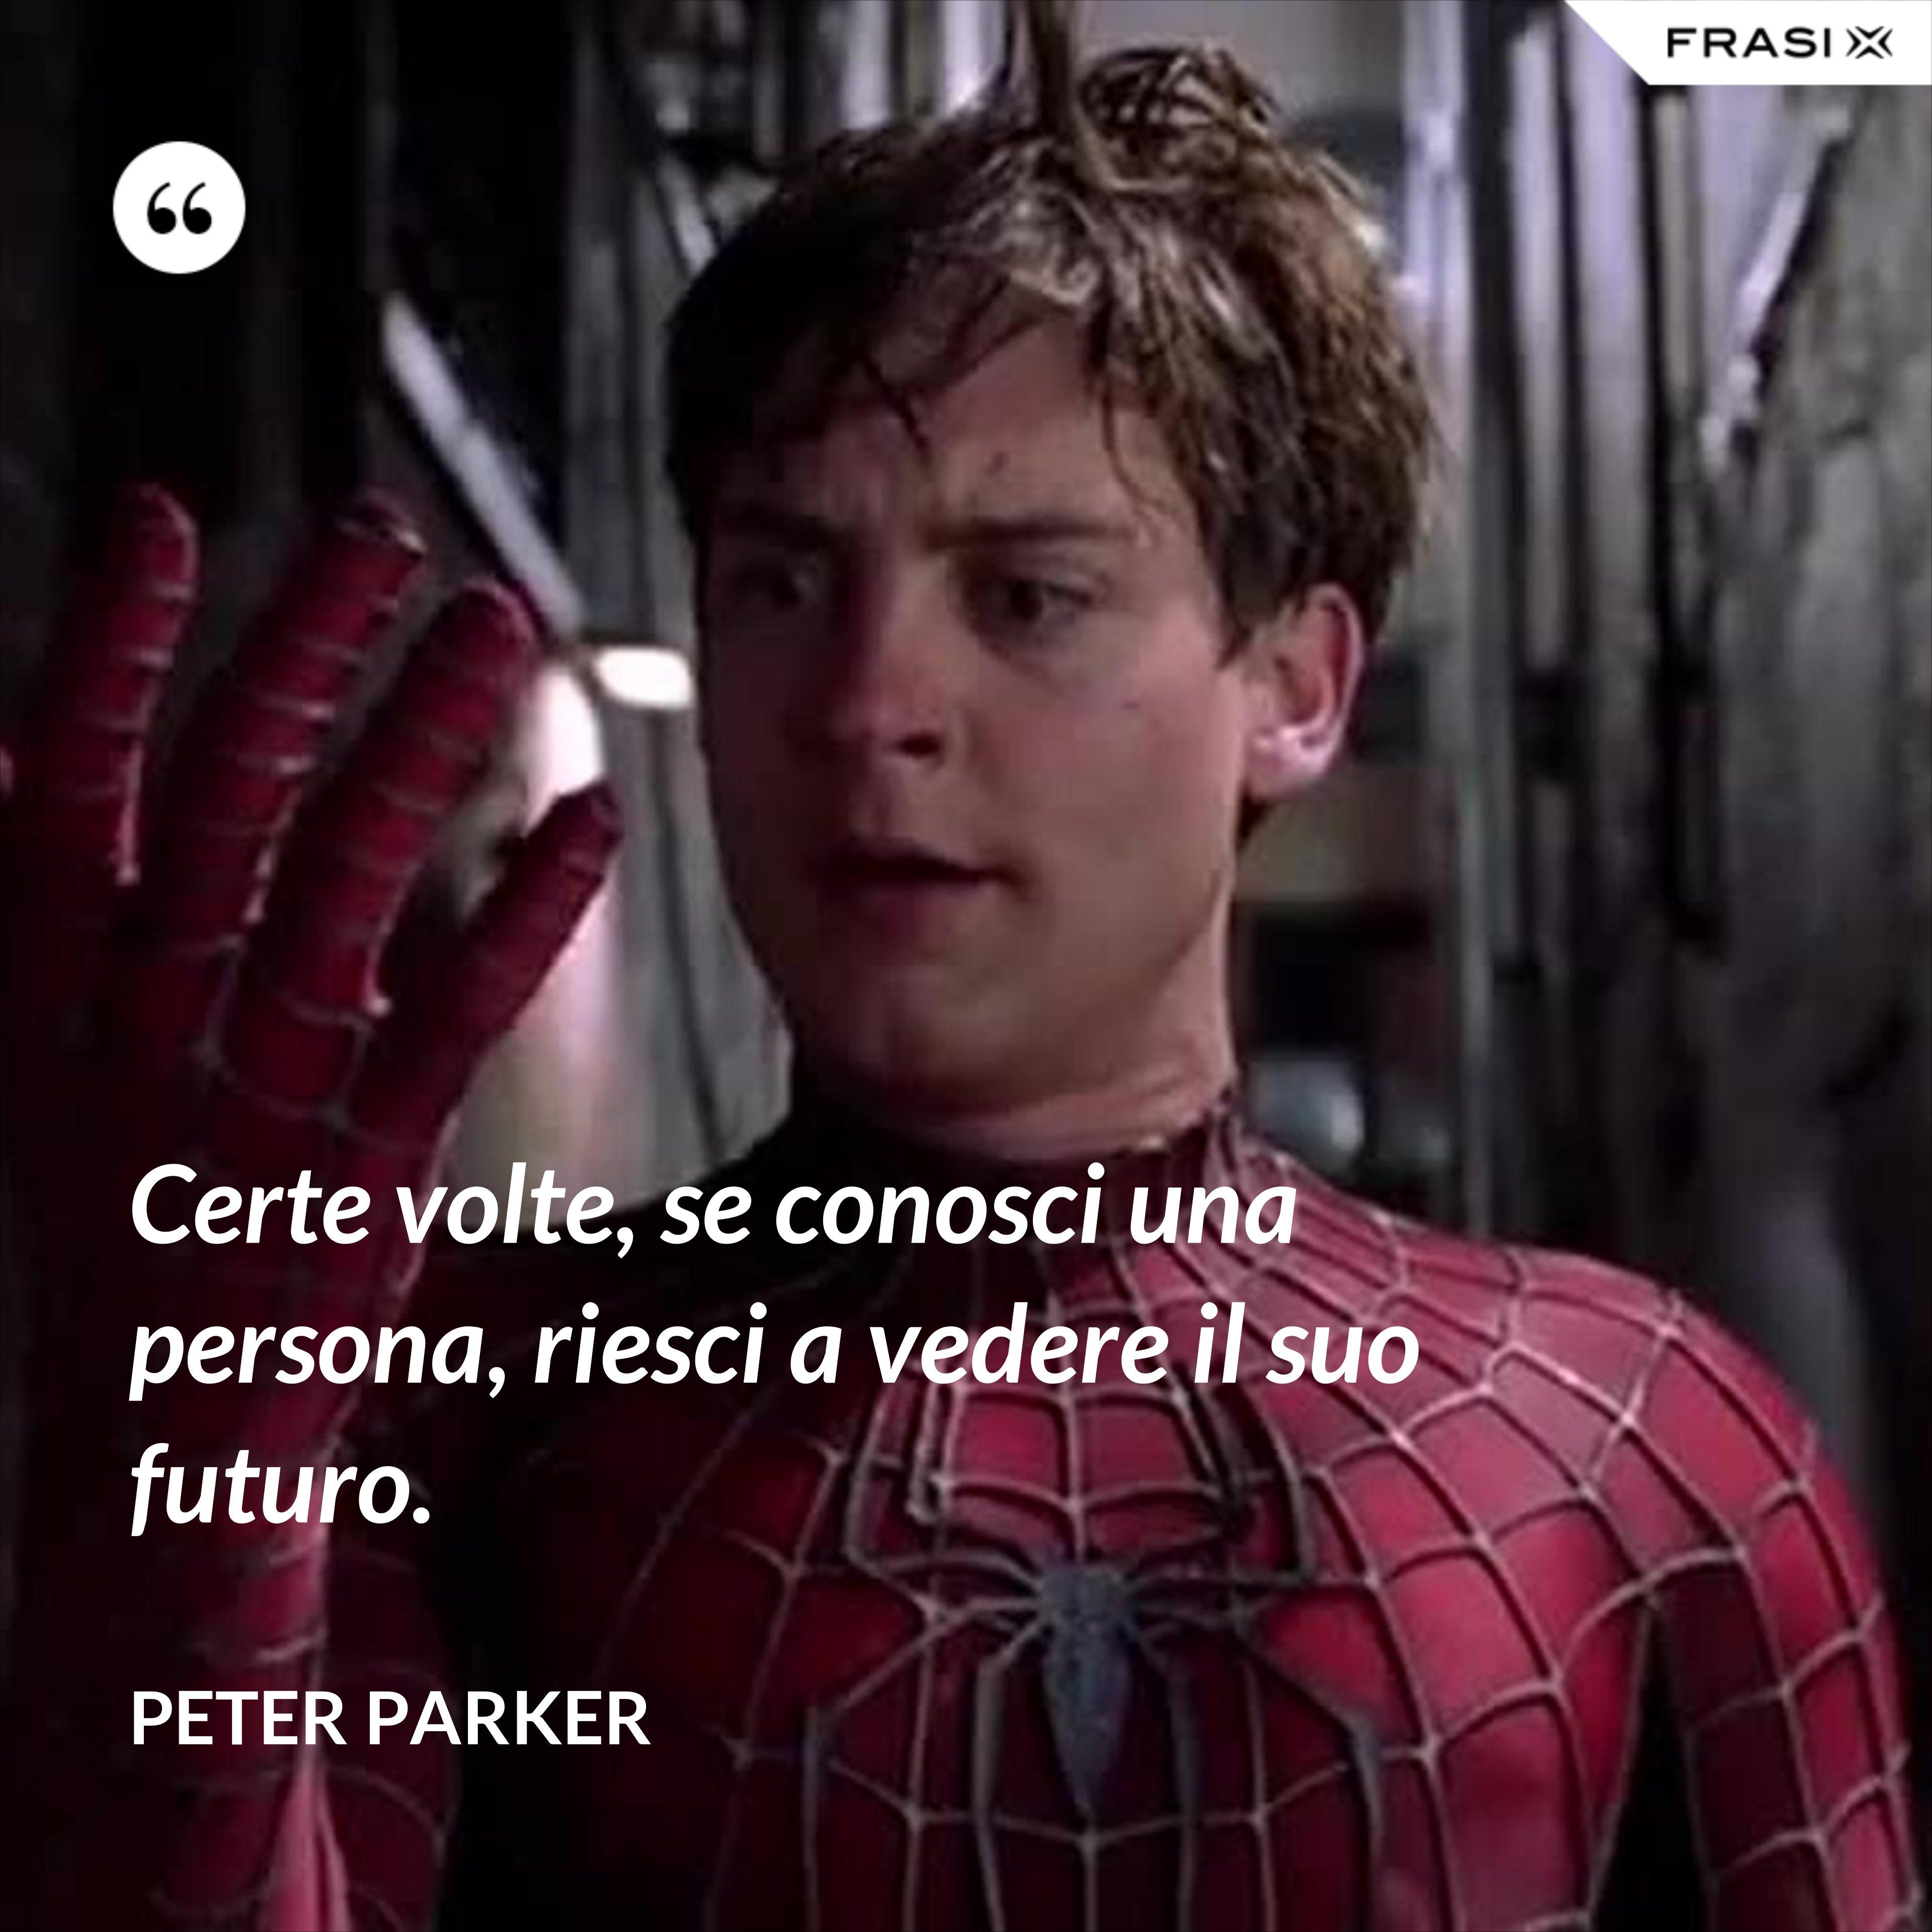 Certe volte, se conosci una persona, riesci a vedere il suo futuro. - Peter Parker